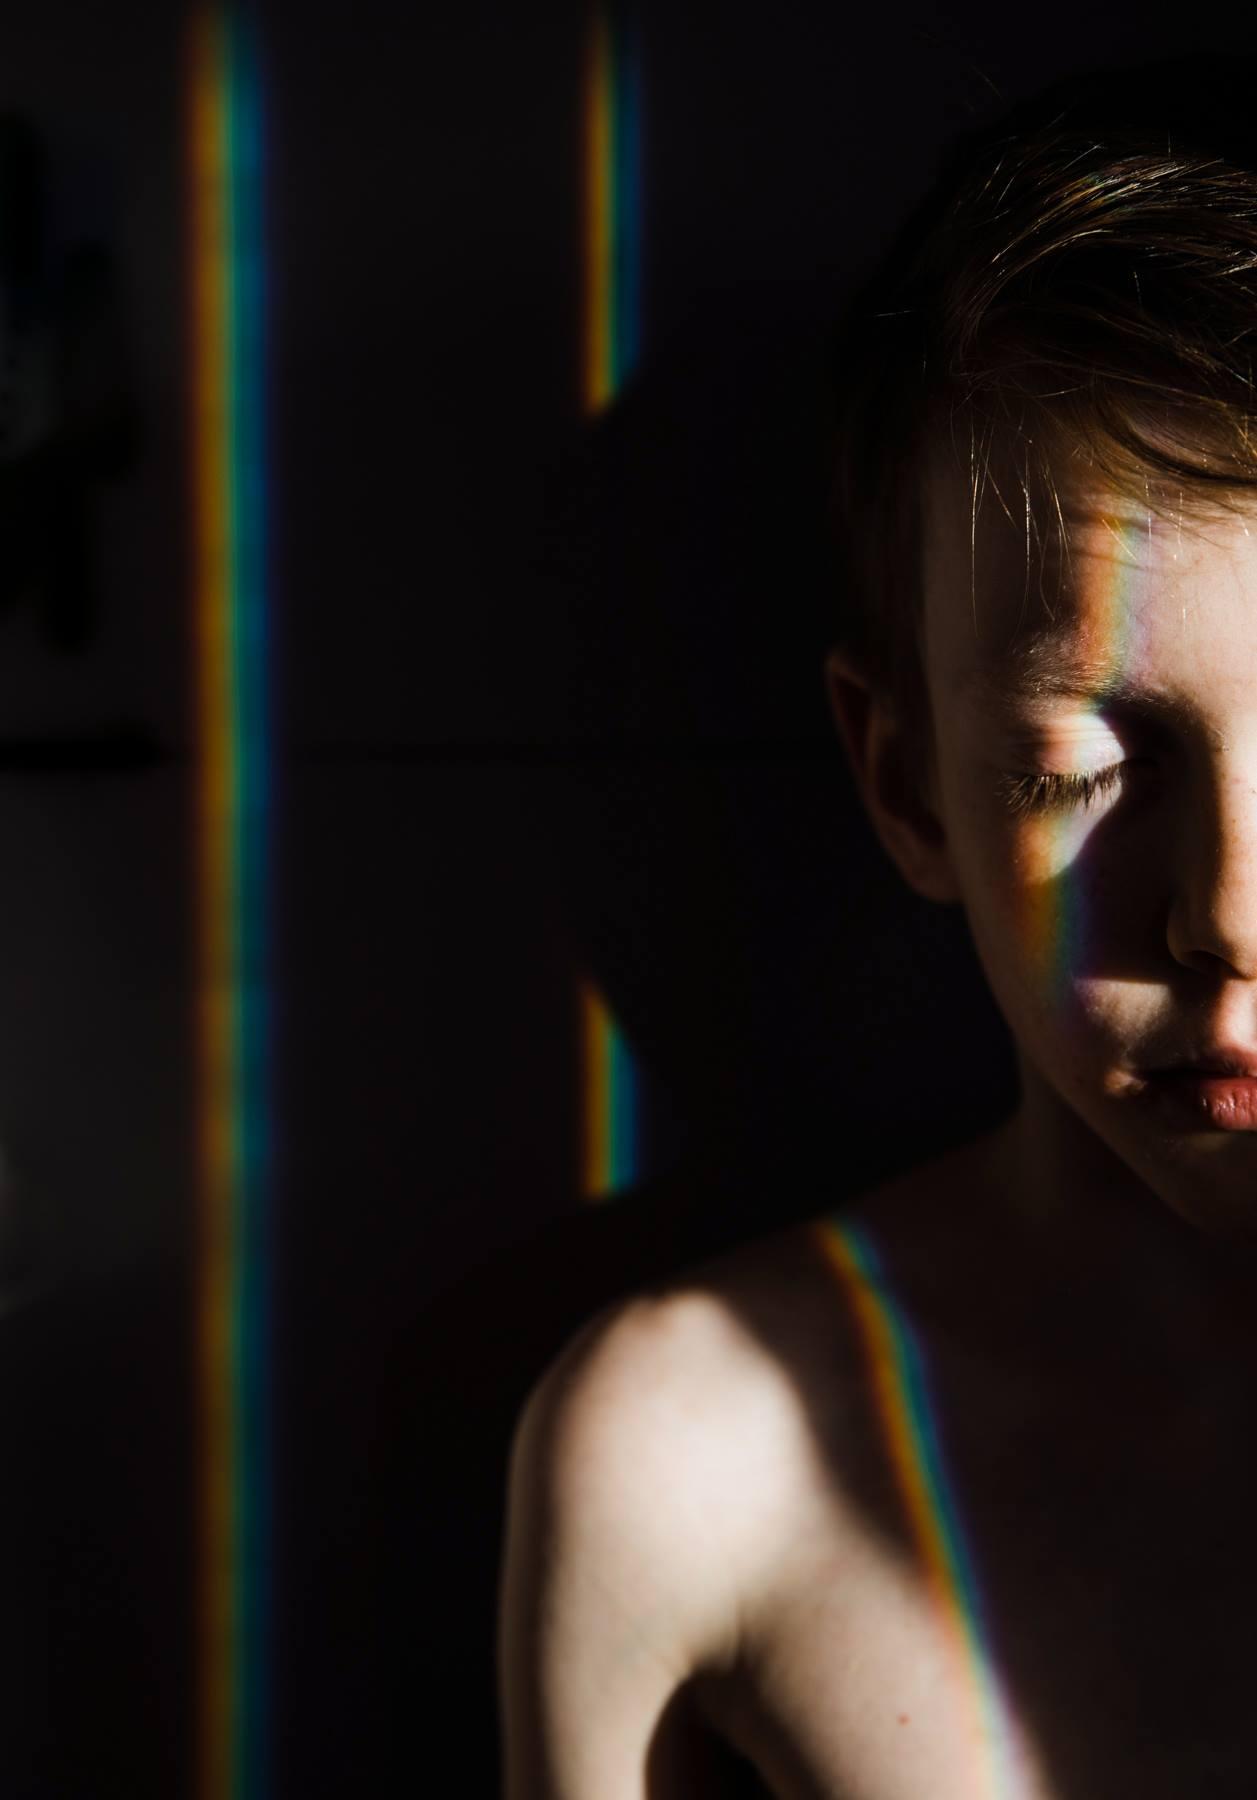 Be the Light by Jennifer Kapala